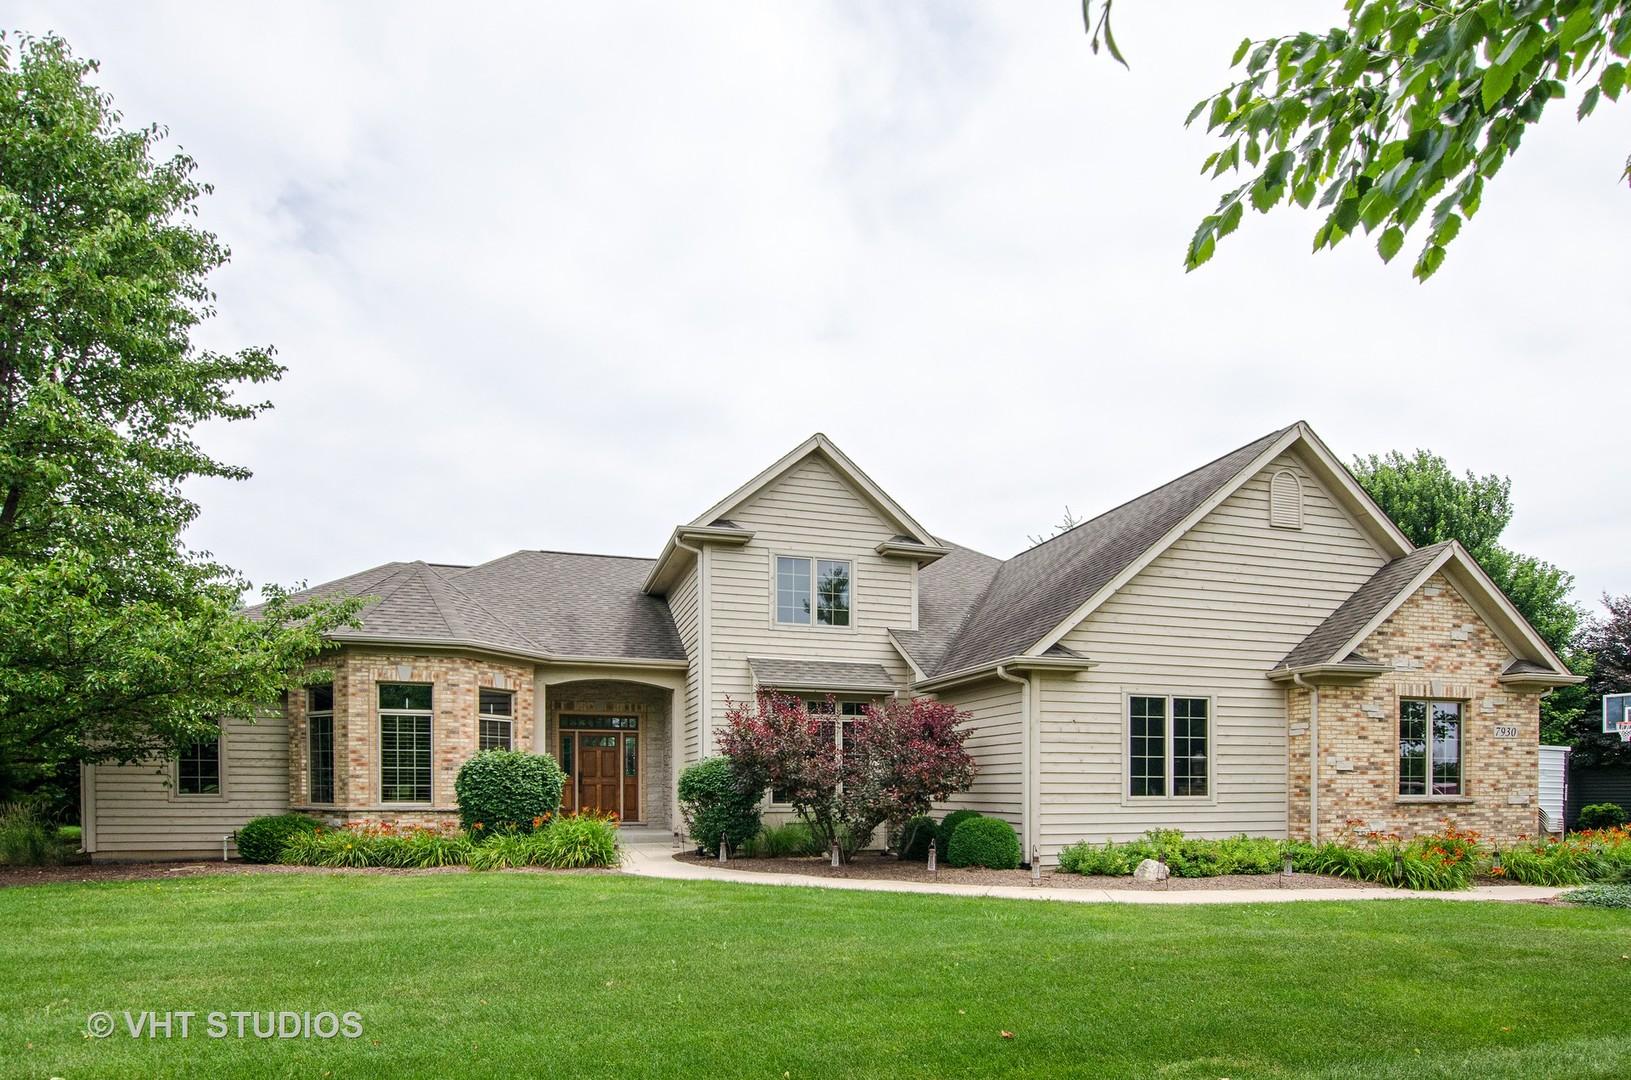 7930 Dunhill, Lakewood, Illinois, 60014